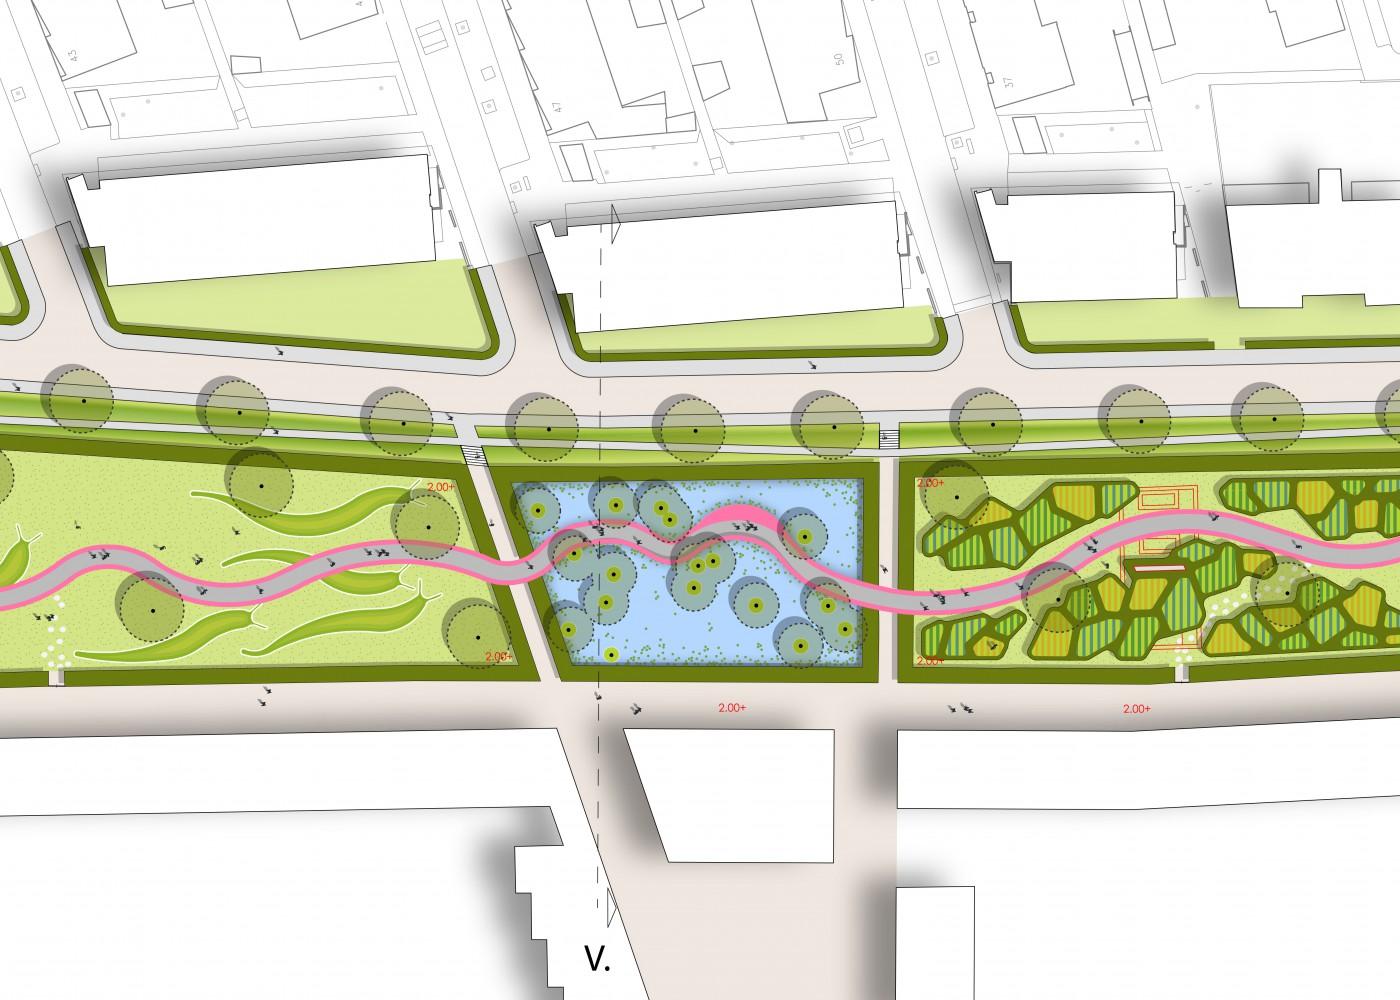 buro-sant-en-co-landschapsarchitectuur-van leeuwenhoekpark-delft-stadspark-dakpark-klimaatadaptief-ecologie-ontwerp-plantekening-3